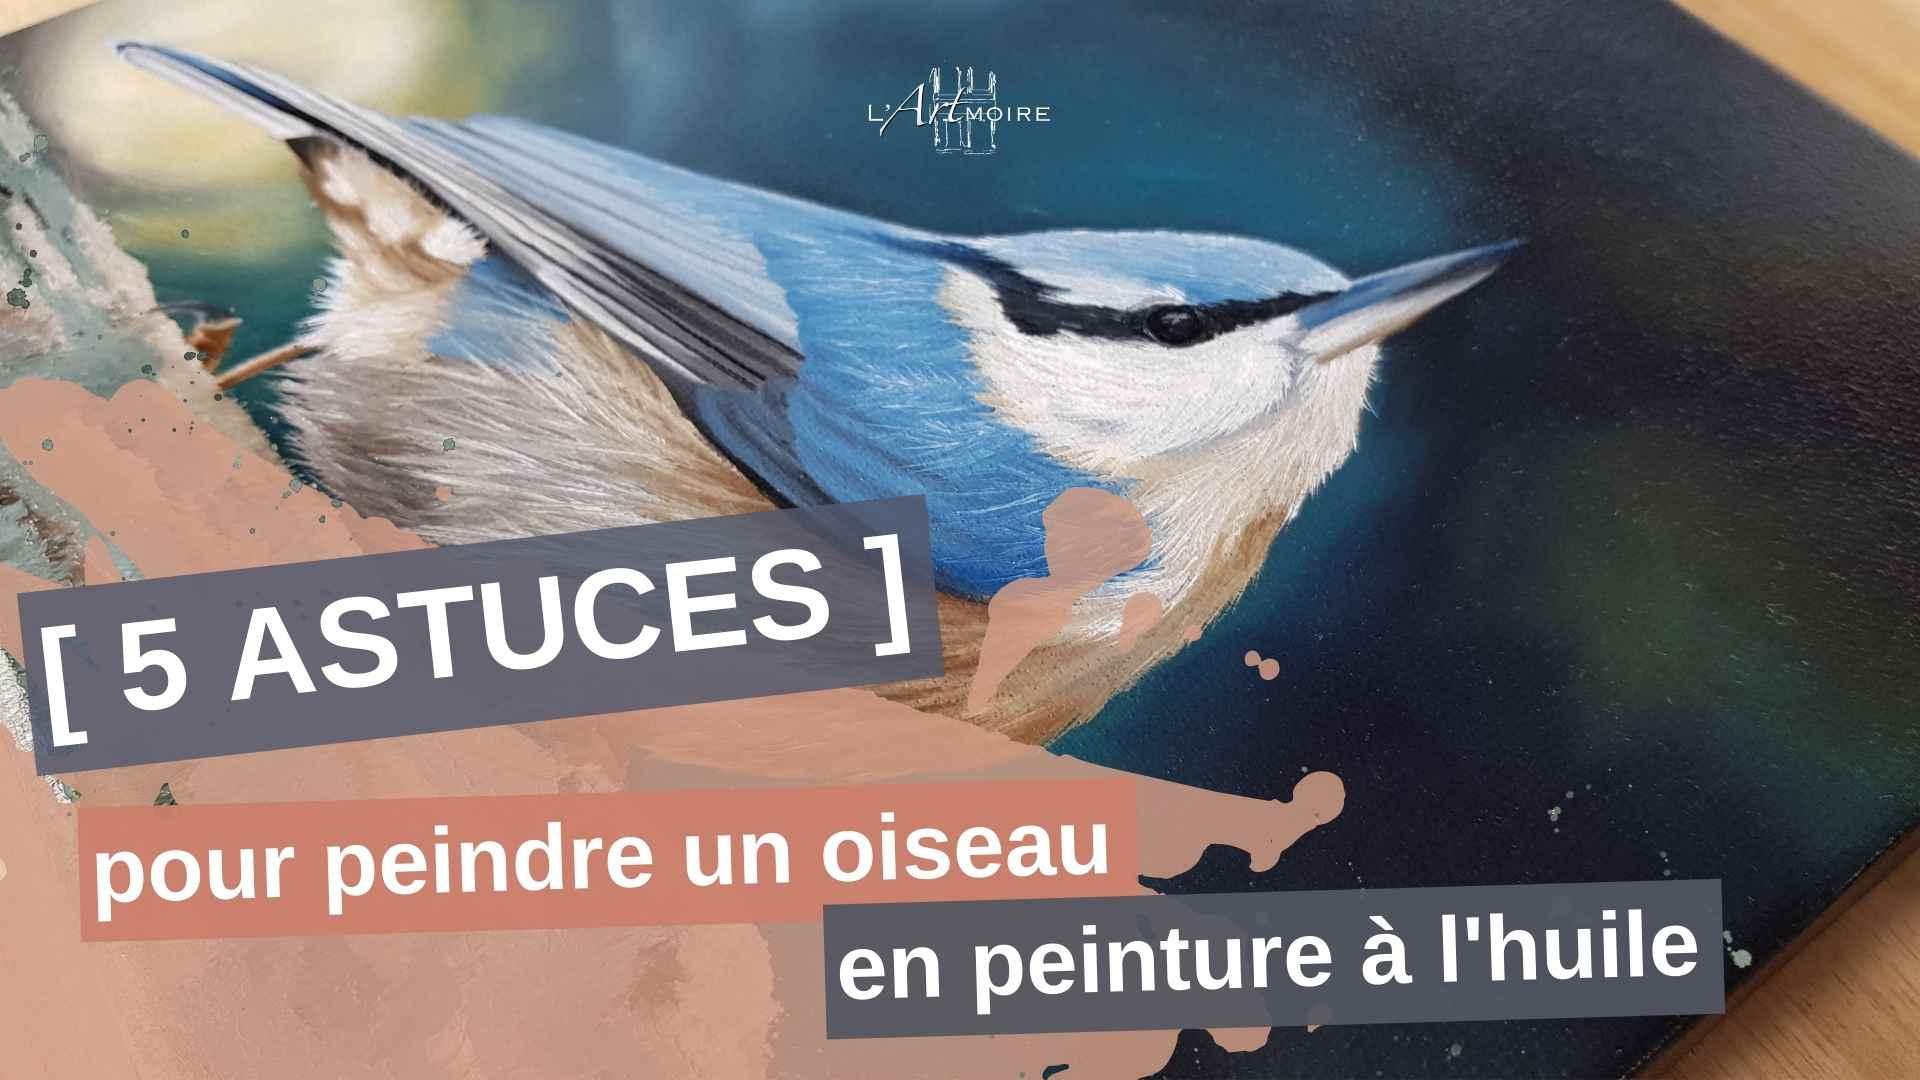 5 astuces pour peindre un oiseau en peinture à l'huile